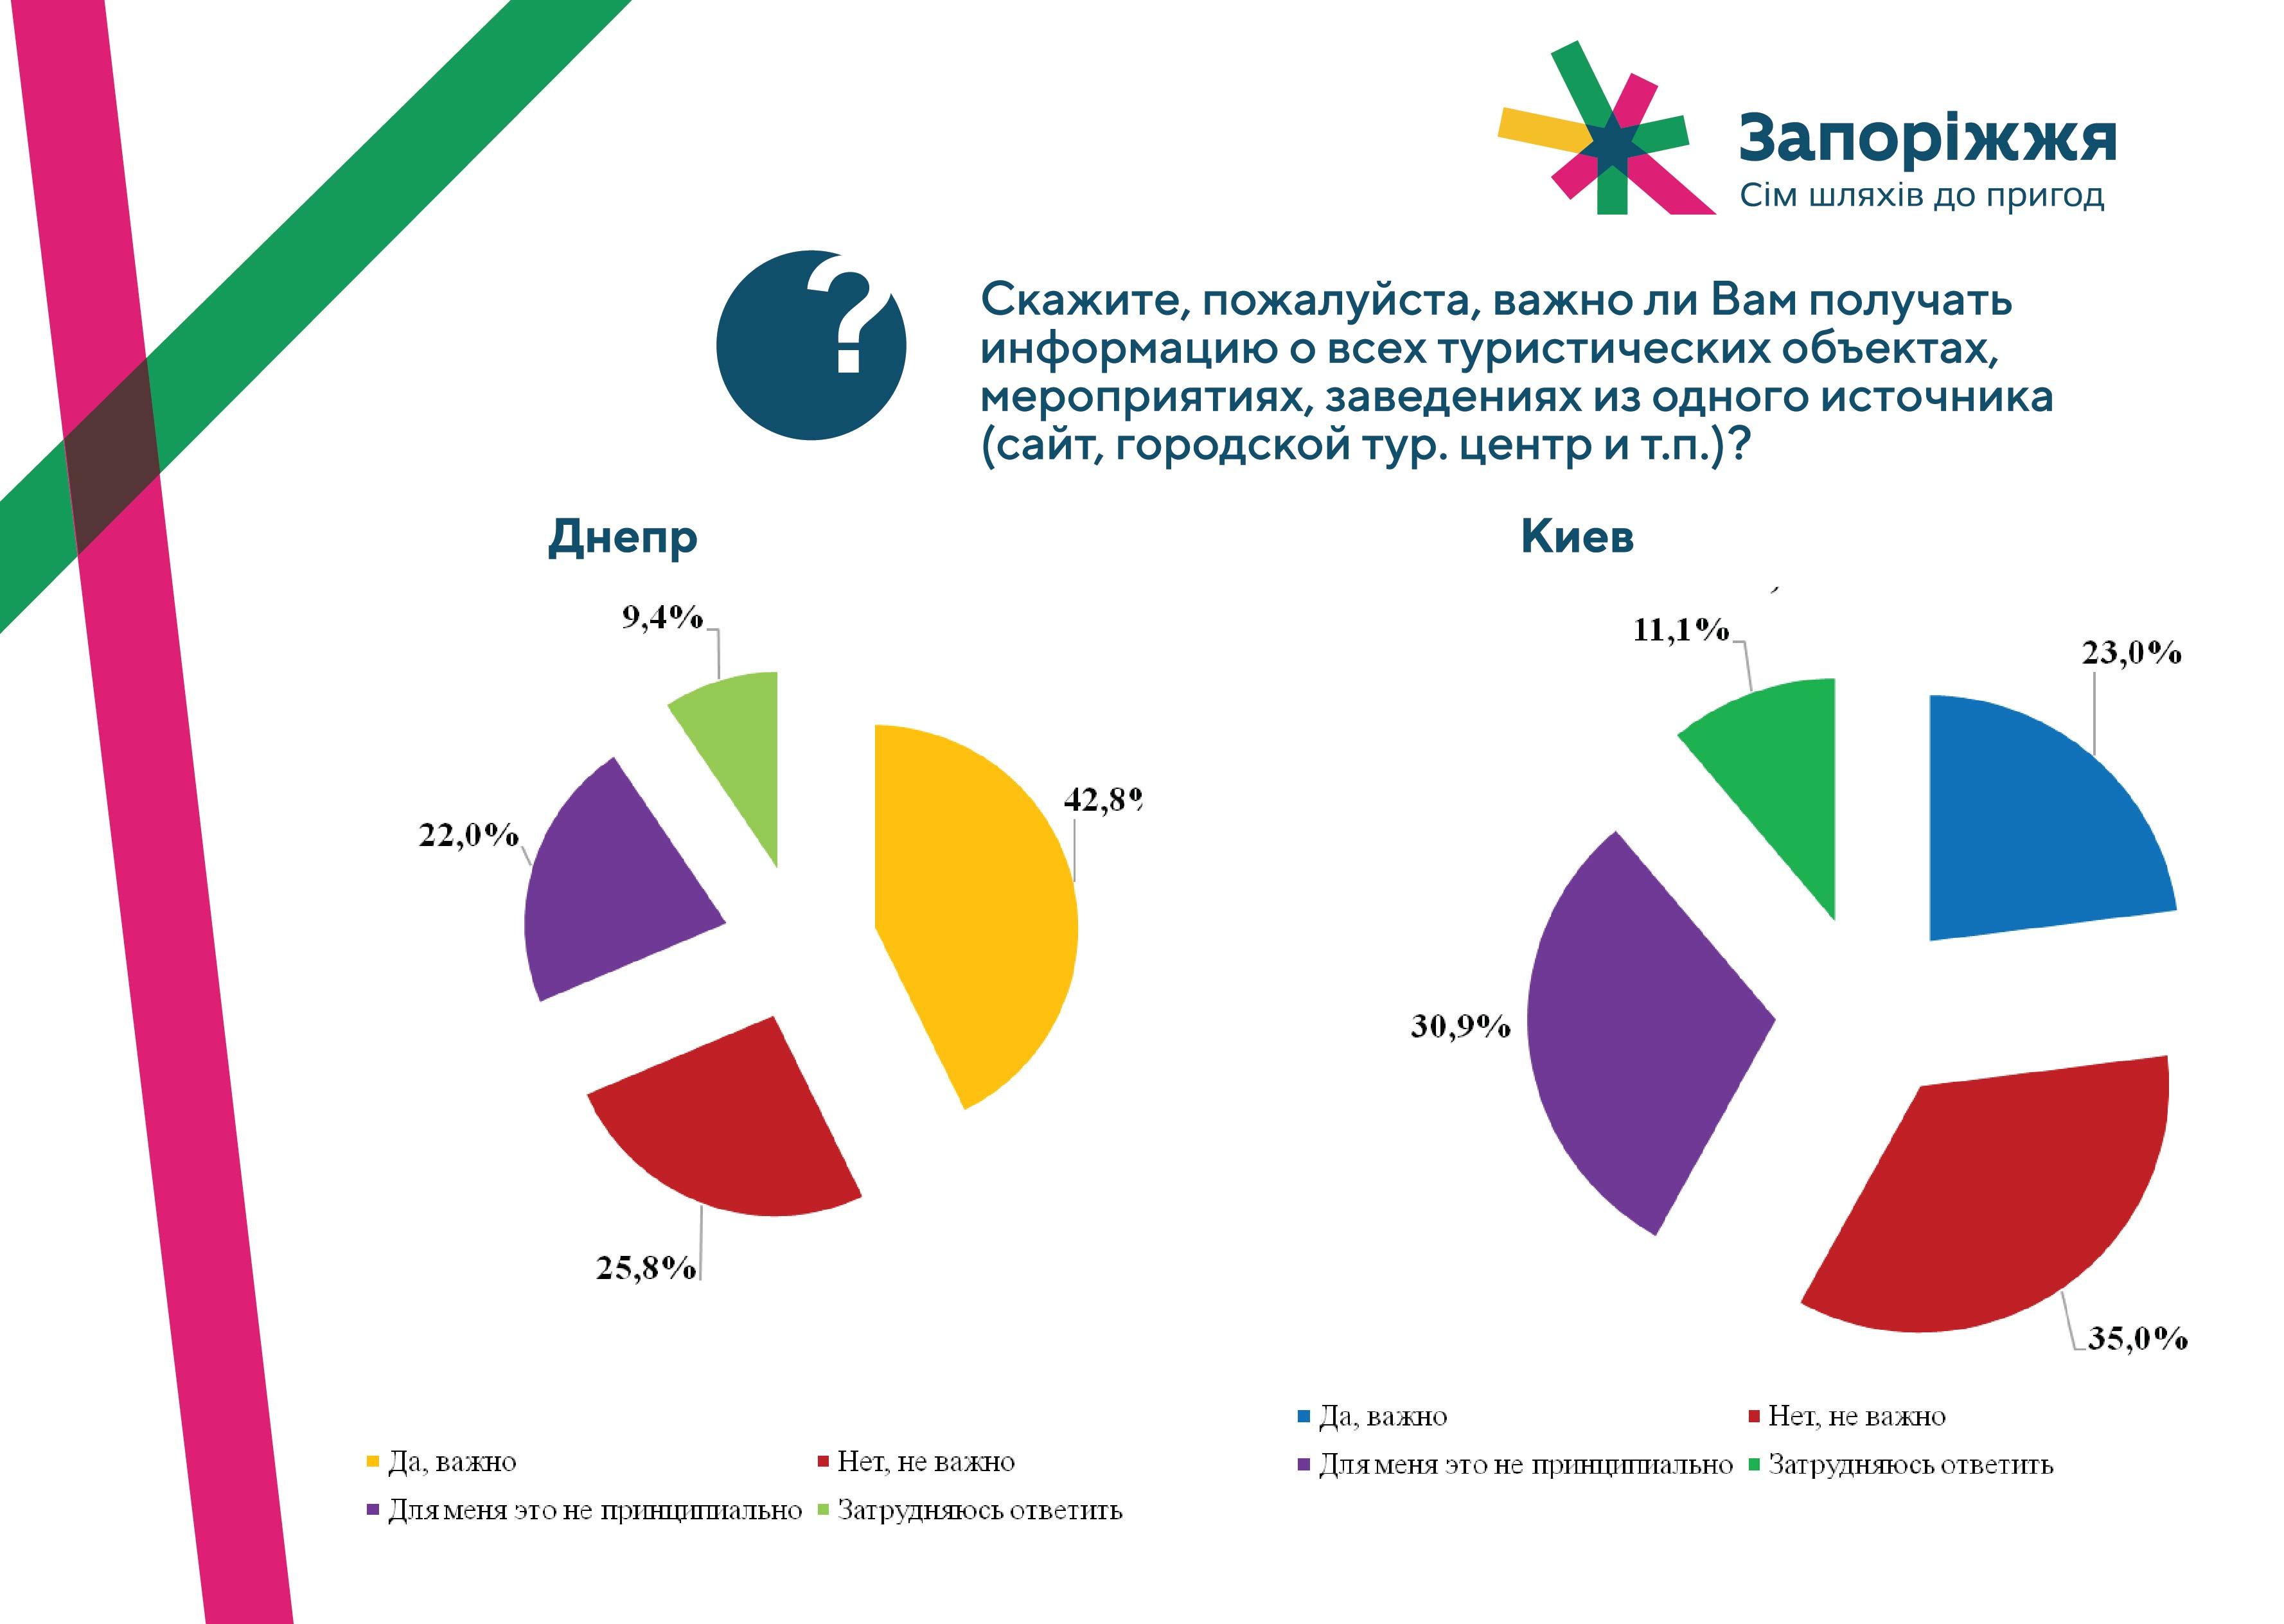 презентация-днепр-киев-11.jpg